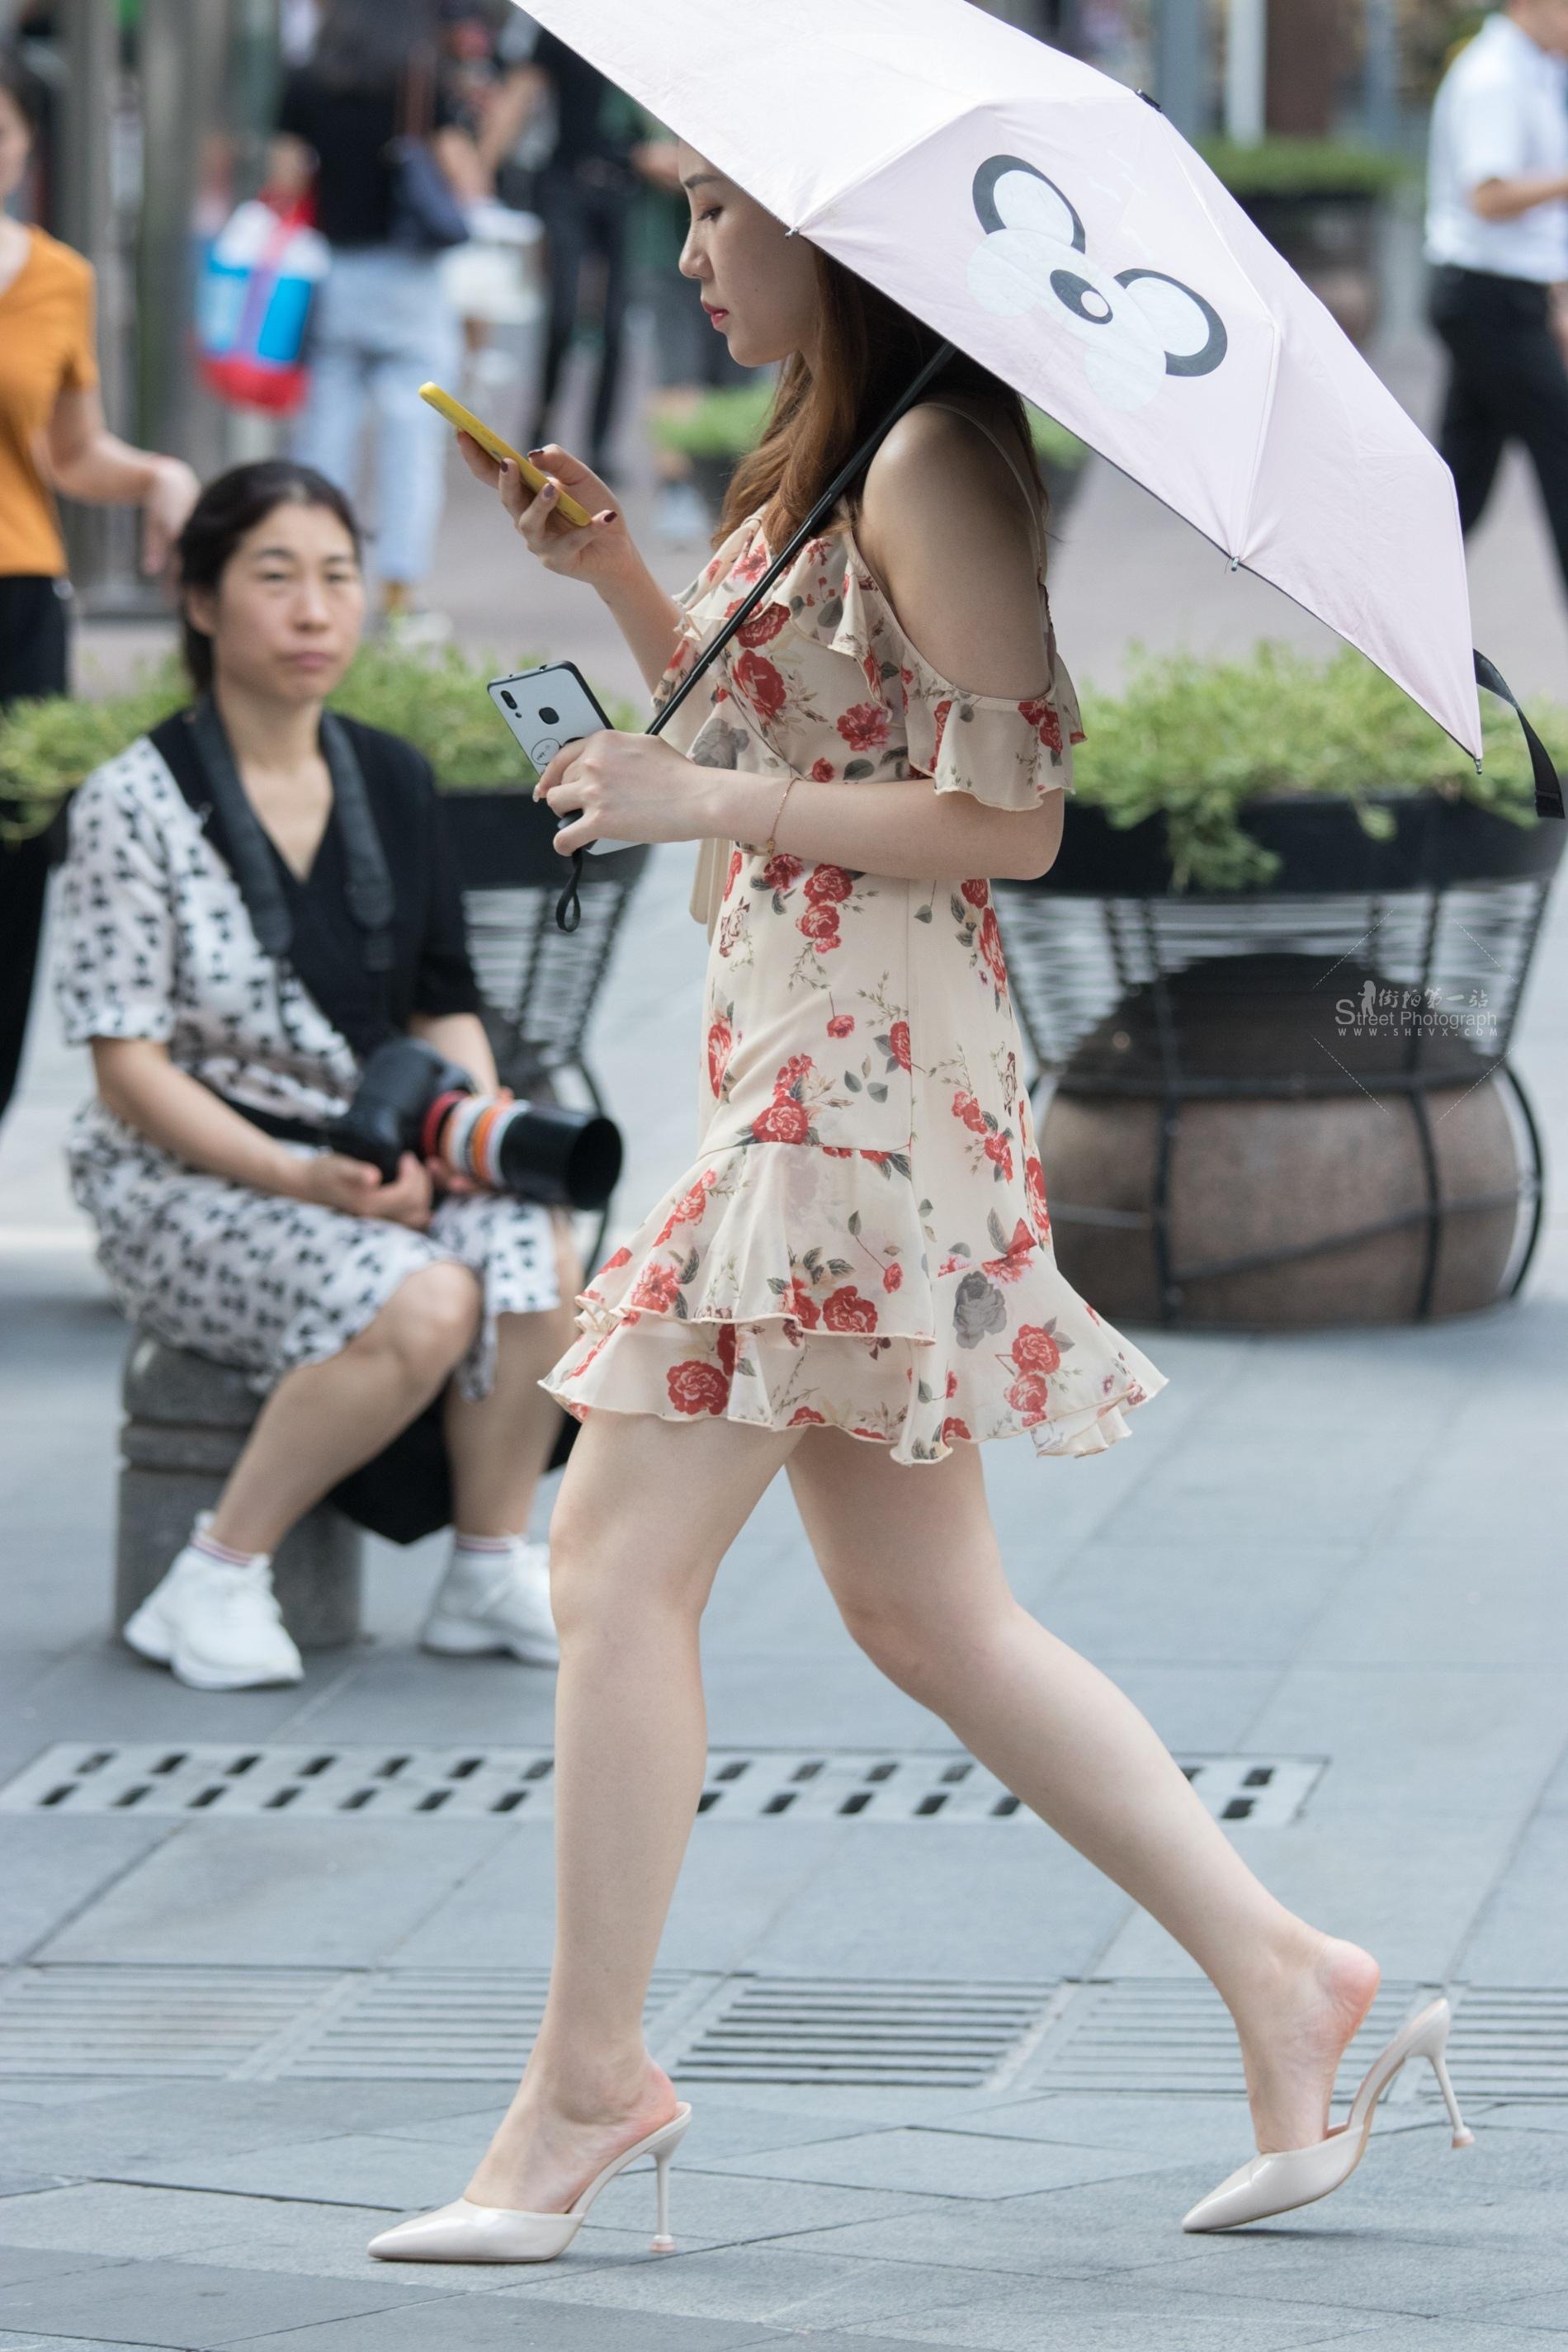 街拍高跟 俊风摄影+重庆9月46贴 颜值不错皮肤白哲又惑 高跟M腿M妇 最新街拍丝袜图片 街拍丝袜第一站